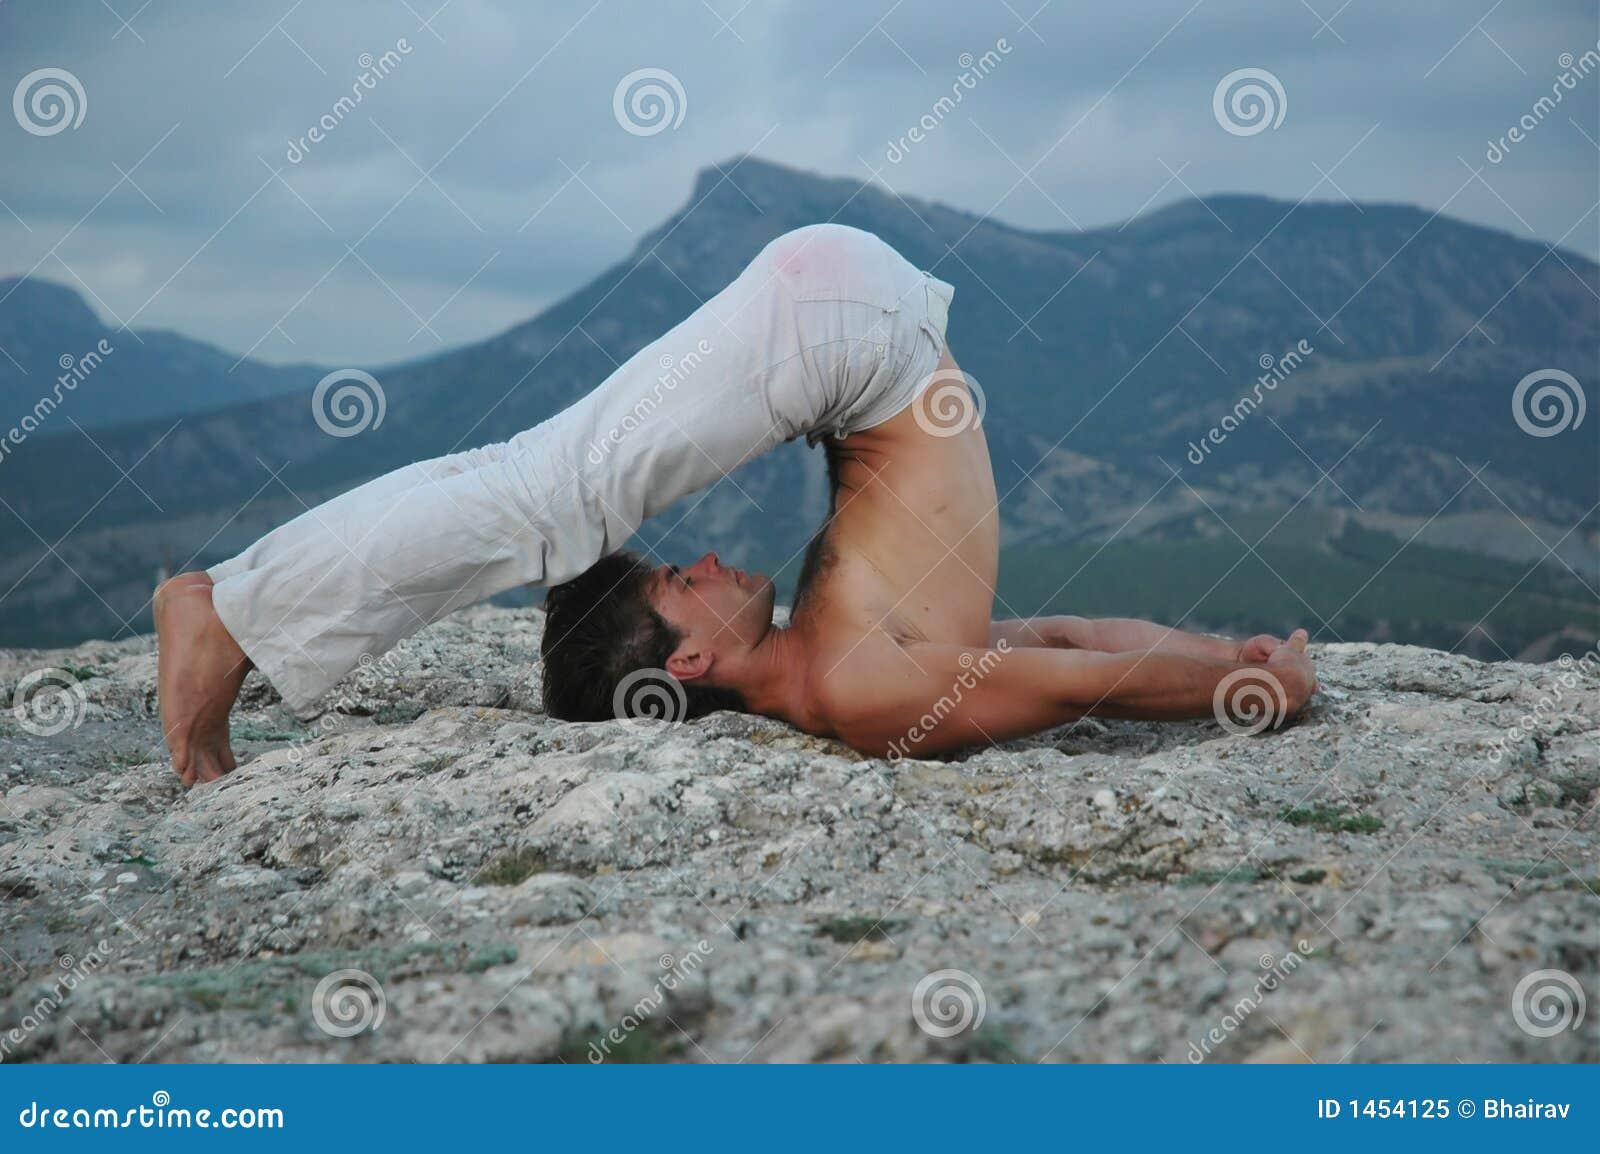 Hatha-yoga: halasana